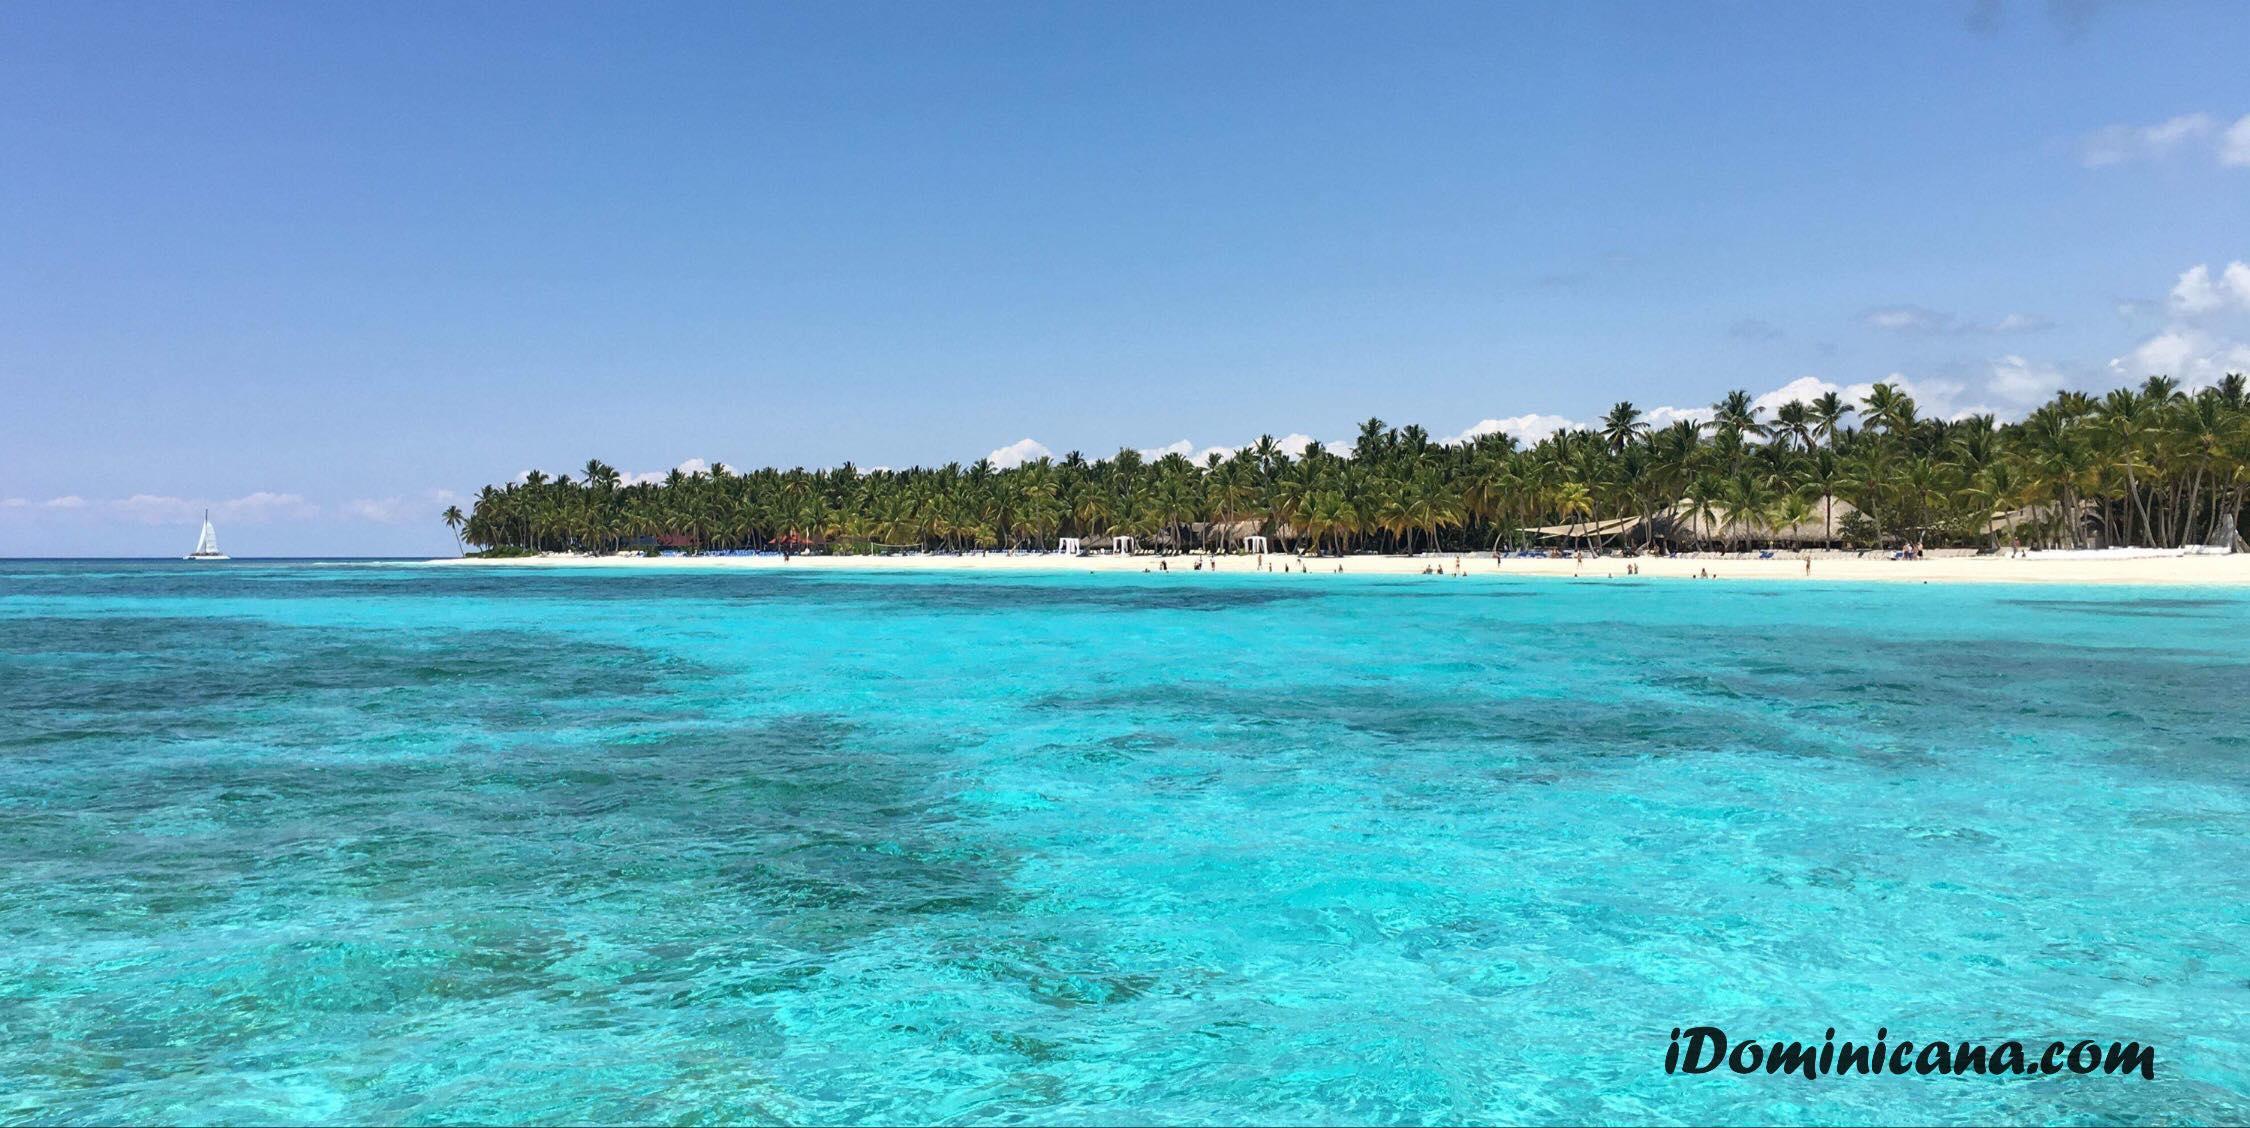 Доминиканцы хотят увеличить площадь своей страны в 2 раза